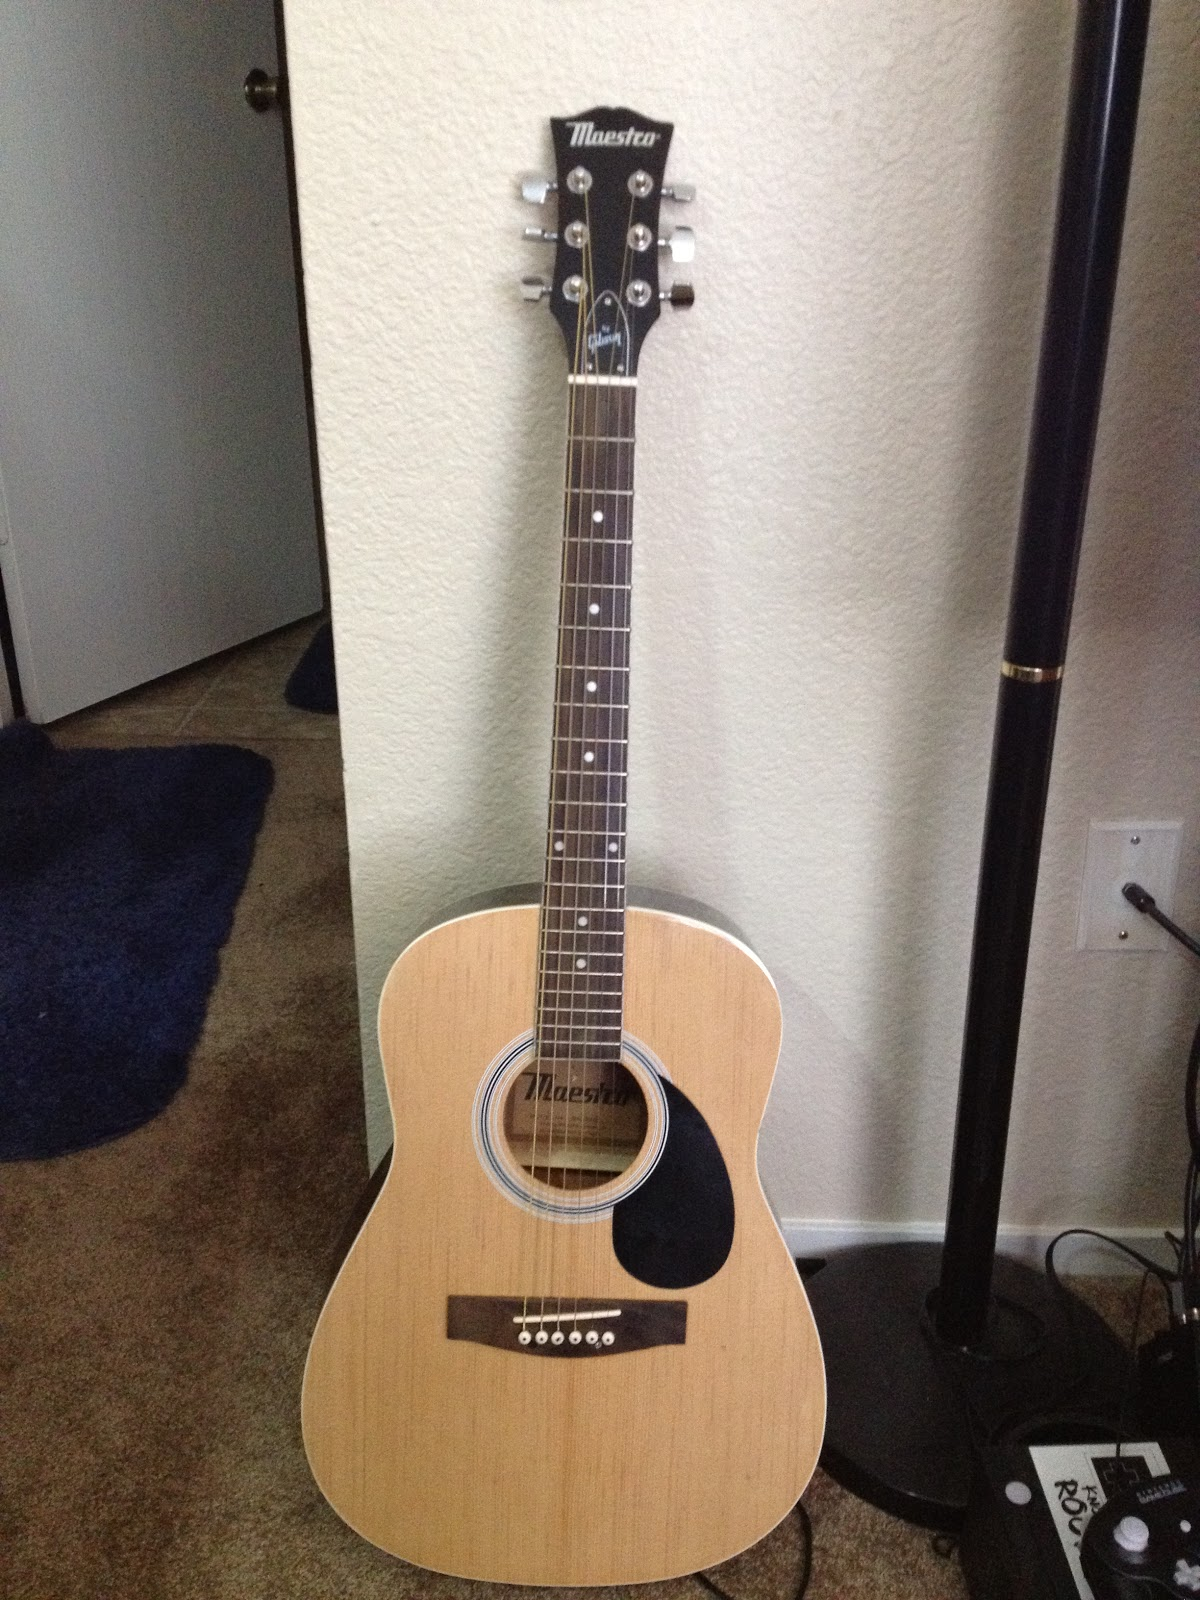 http://1.bp.blogspot.com/-ibWR3UExVyI/UAmxoGToiRI/AAAAAAAAADY/-W33xyChku0/s1600/guitar.JPG